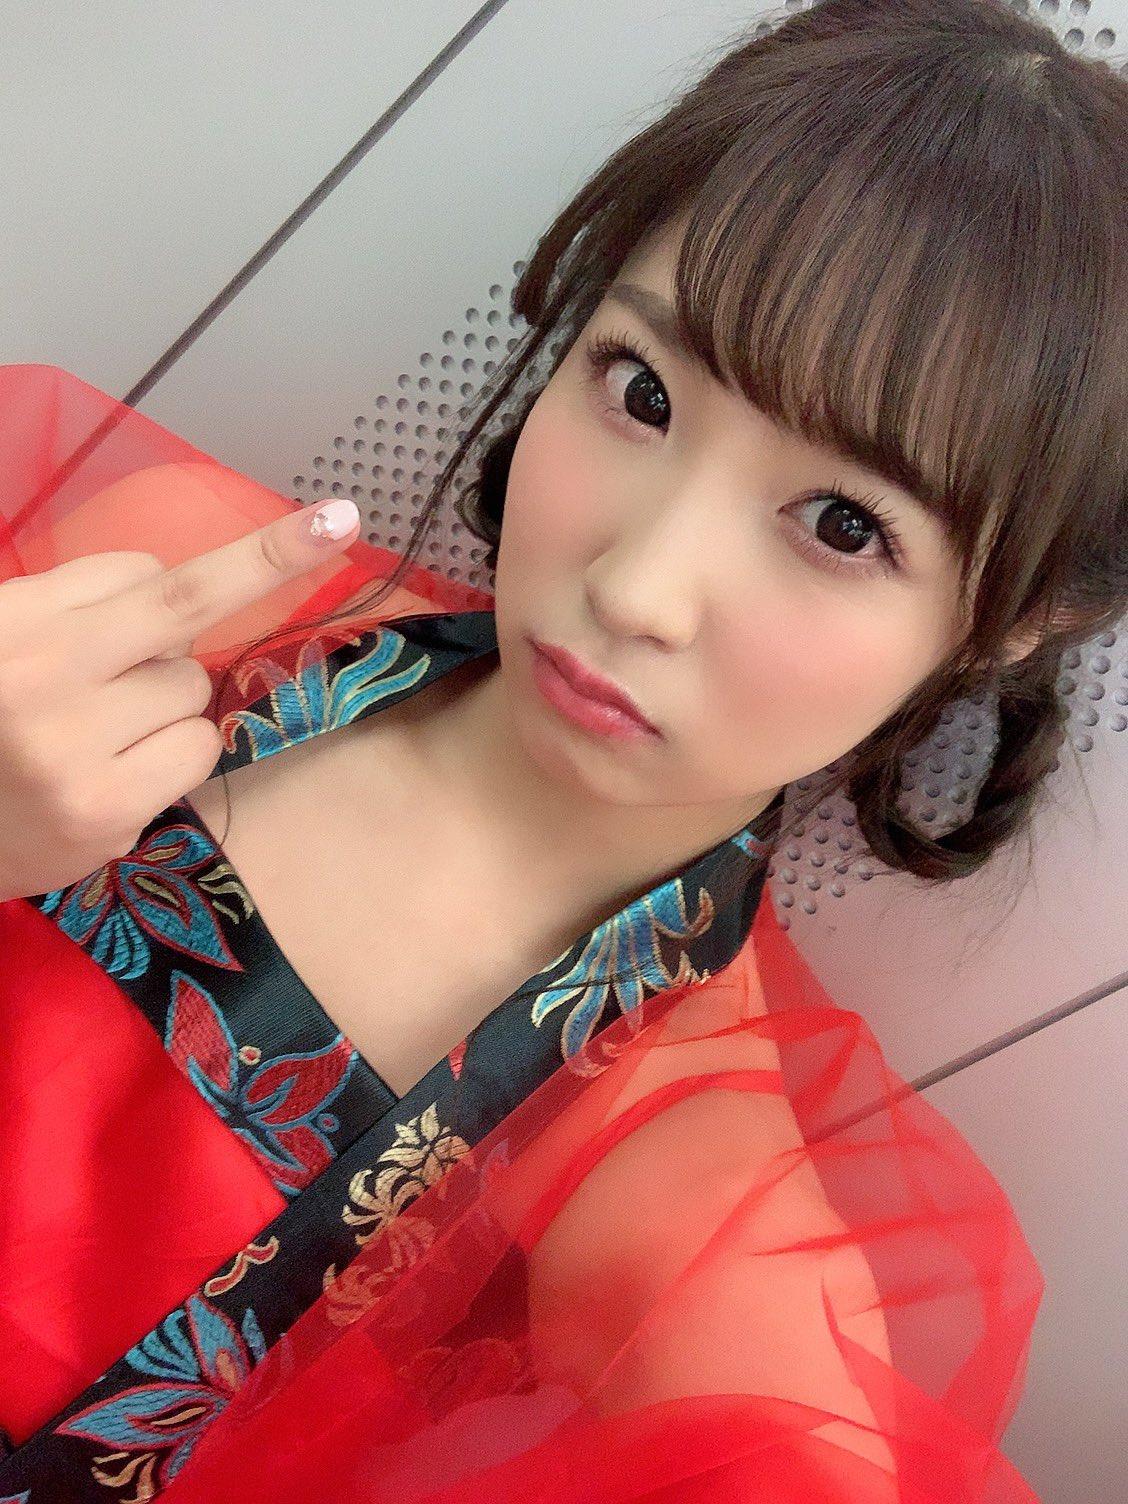 Noa_Eikawa 1208779876720791553_p1